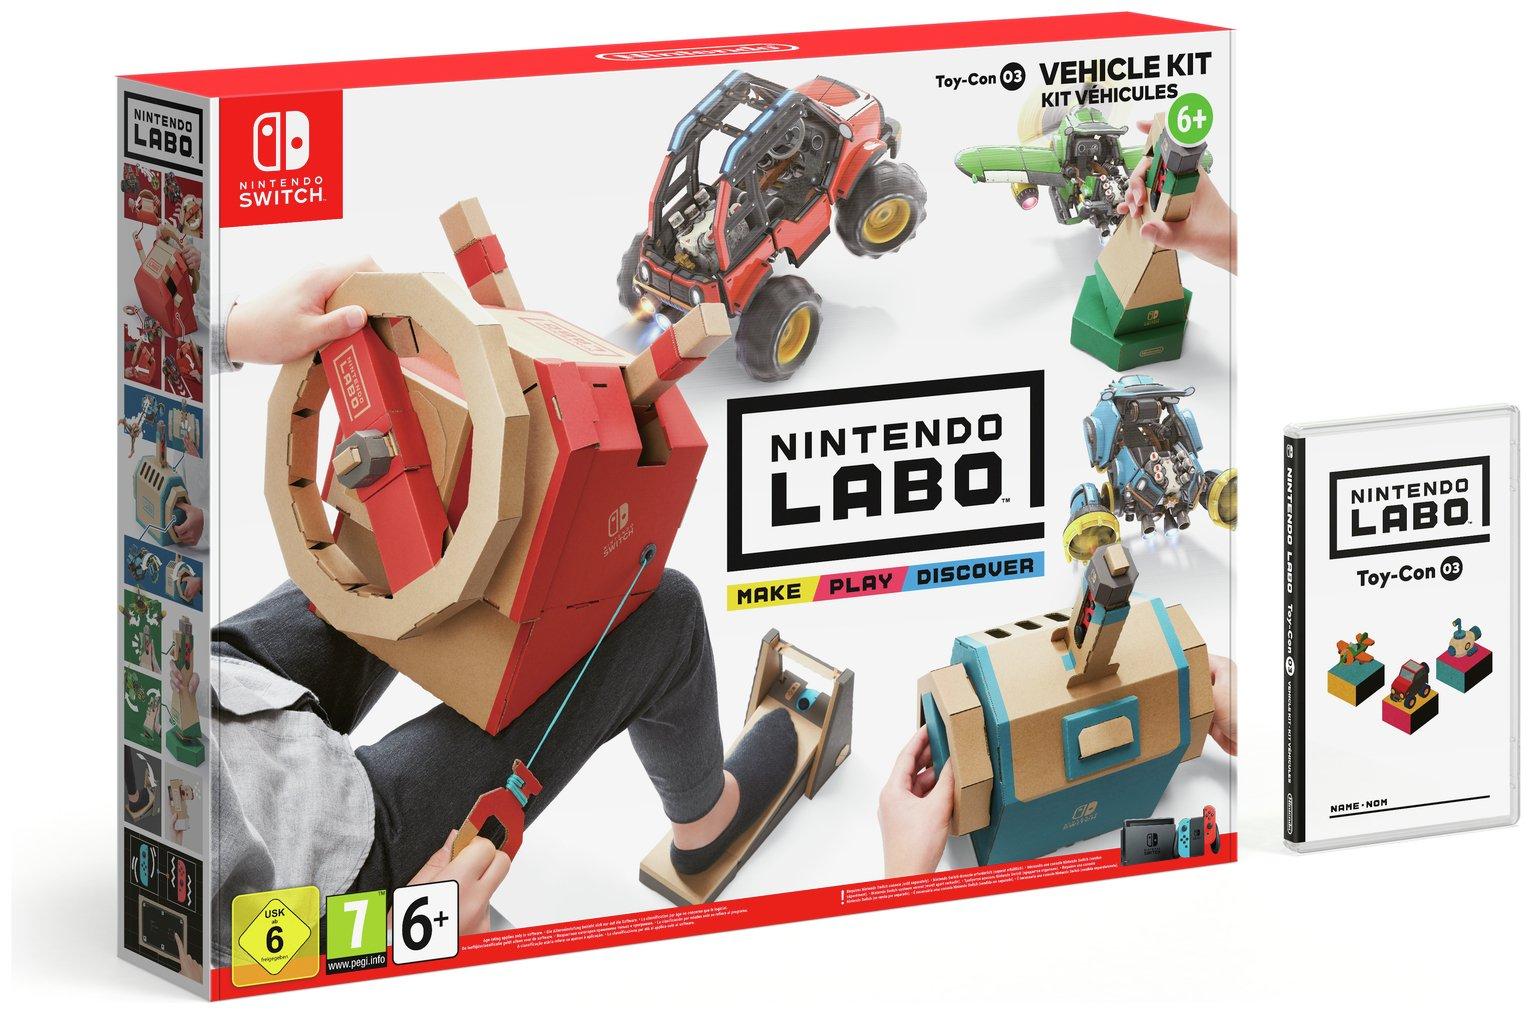 Nintendo LABO Toy-Con 03 Vehicle Kit £28.99 Argos